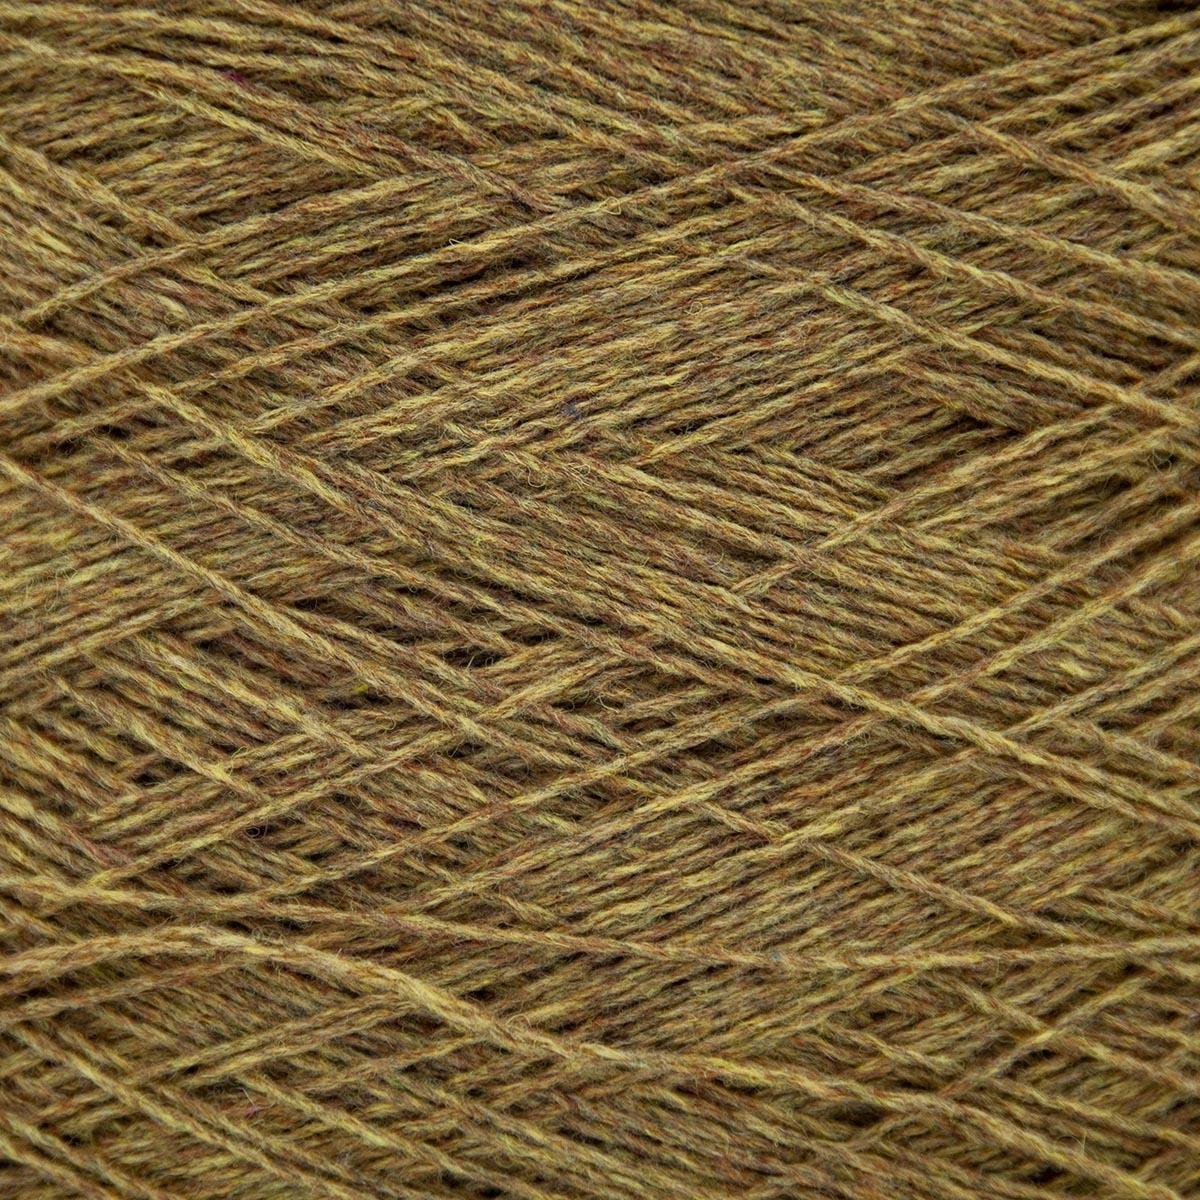 Knoll Yarns Lambswool - 339